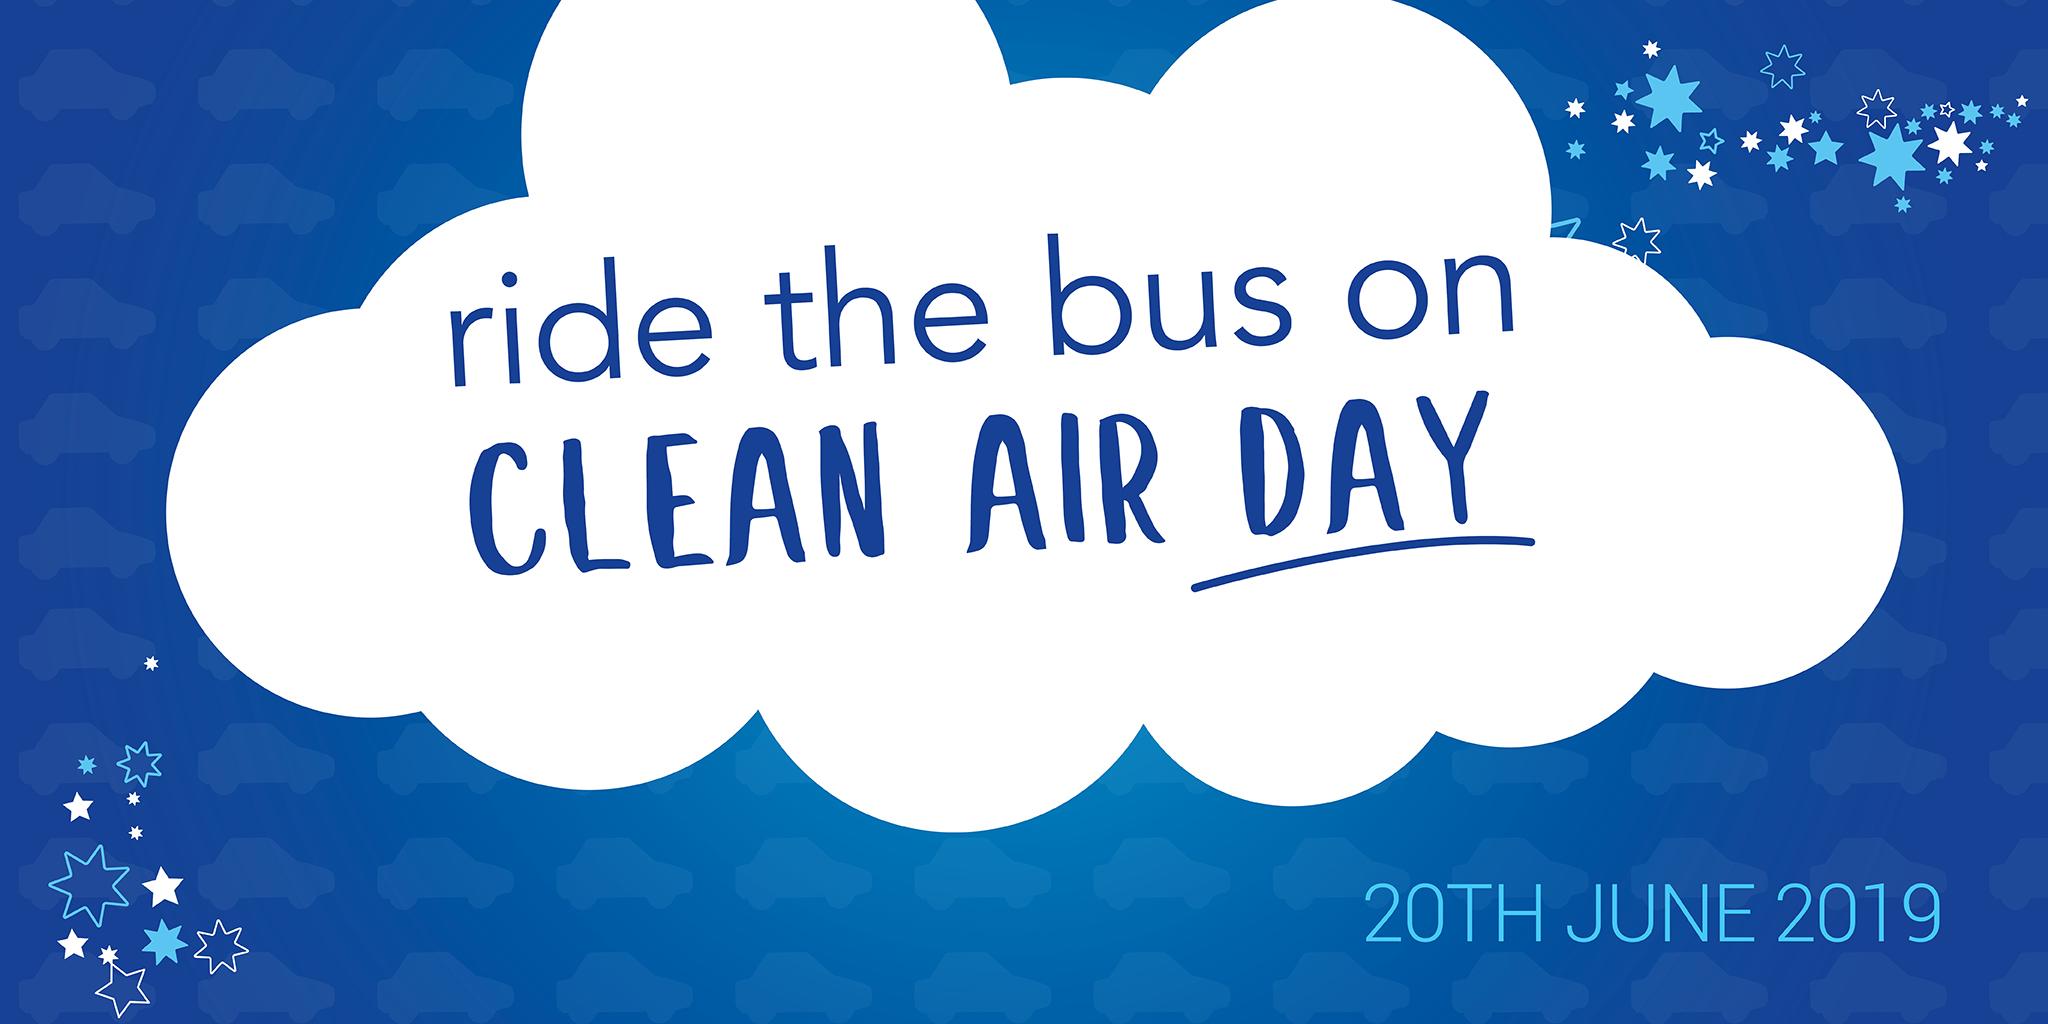 Clean Air Day – 20th June 2019